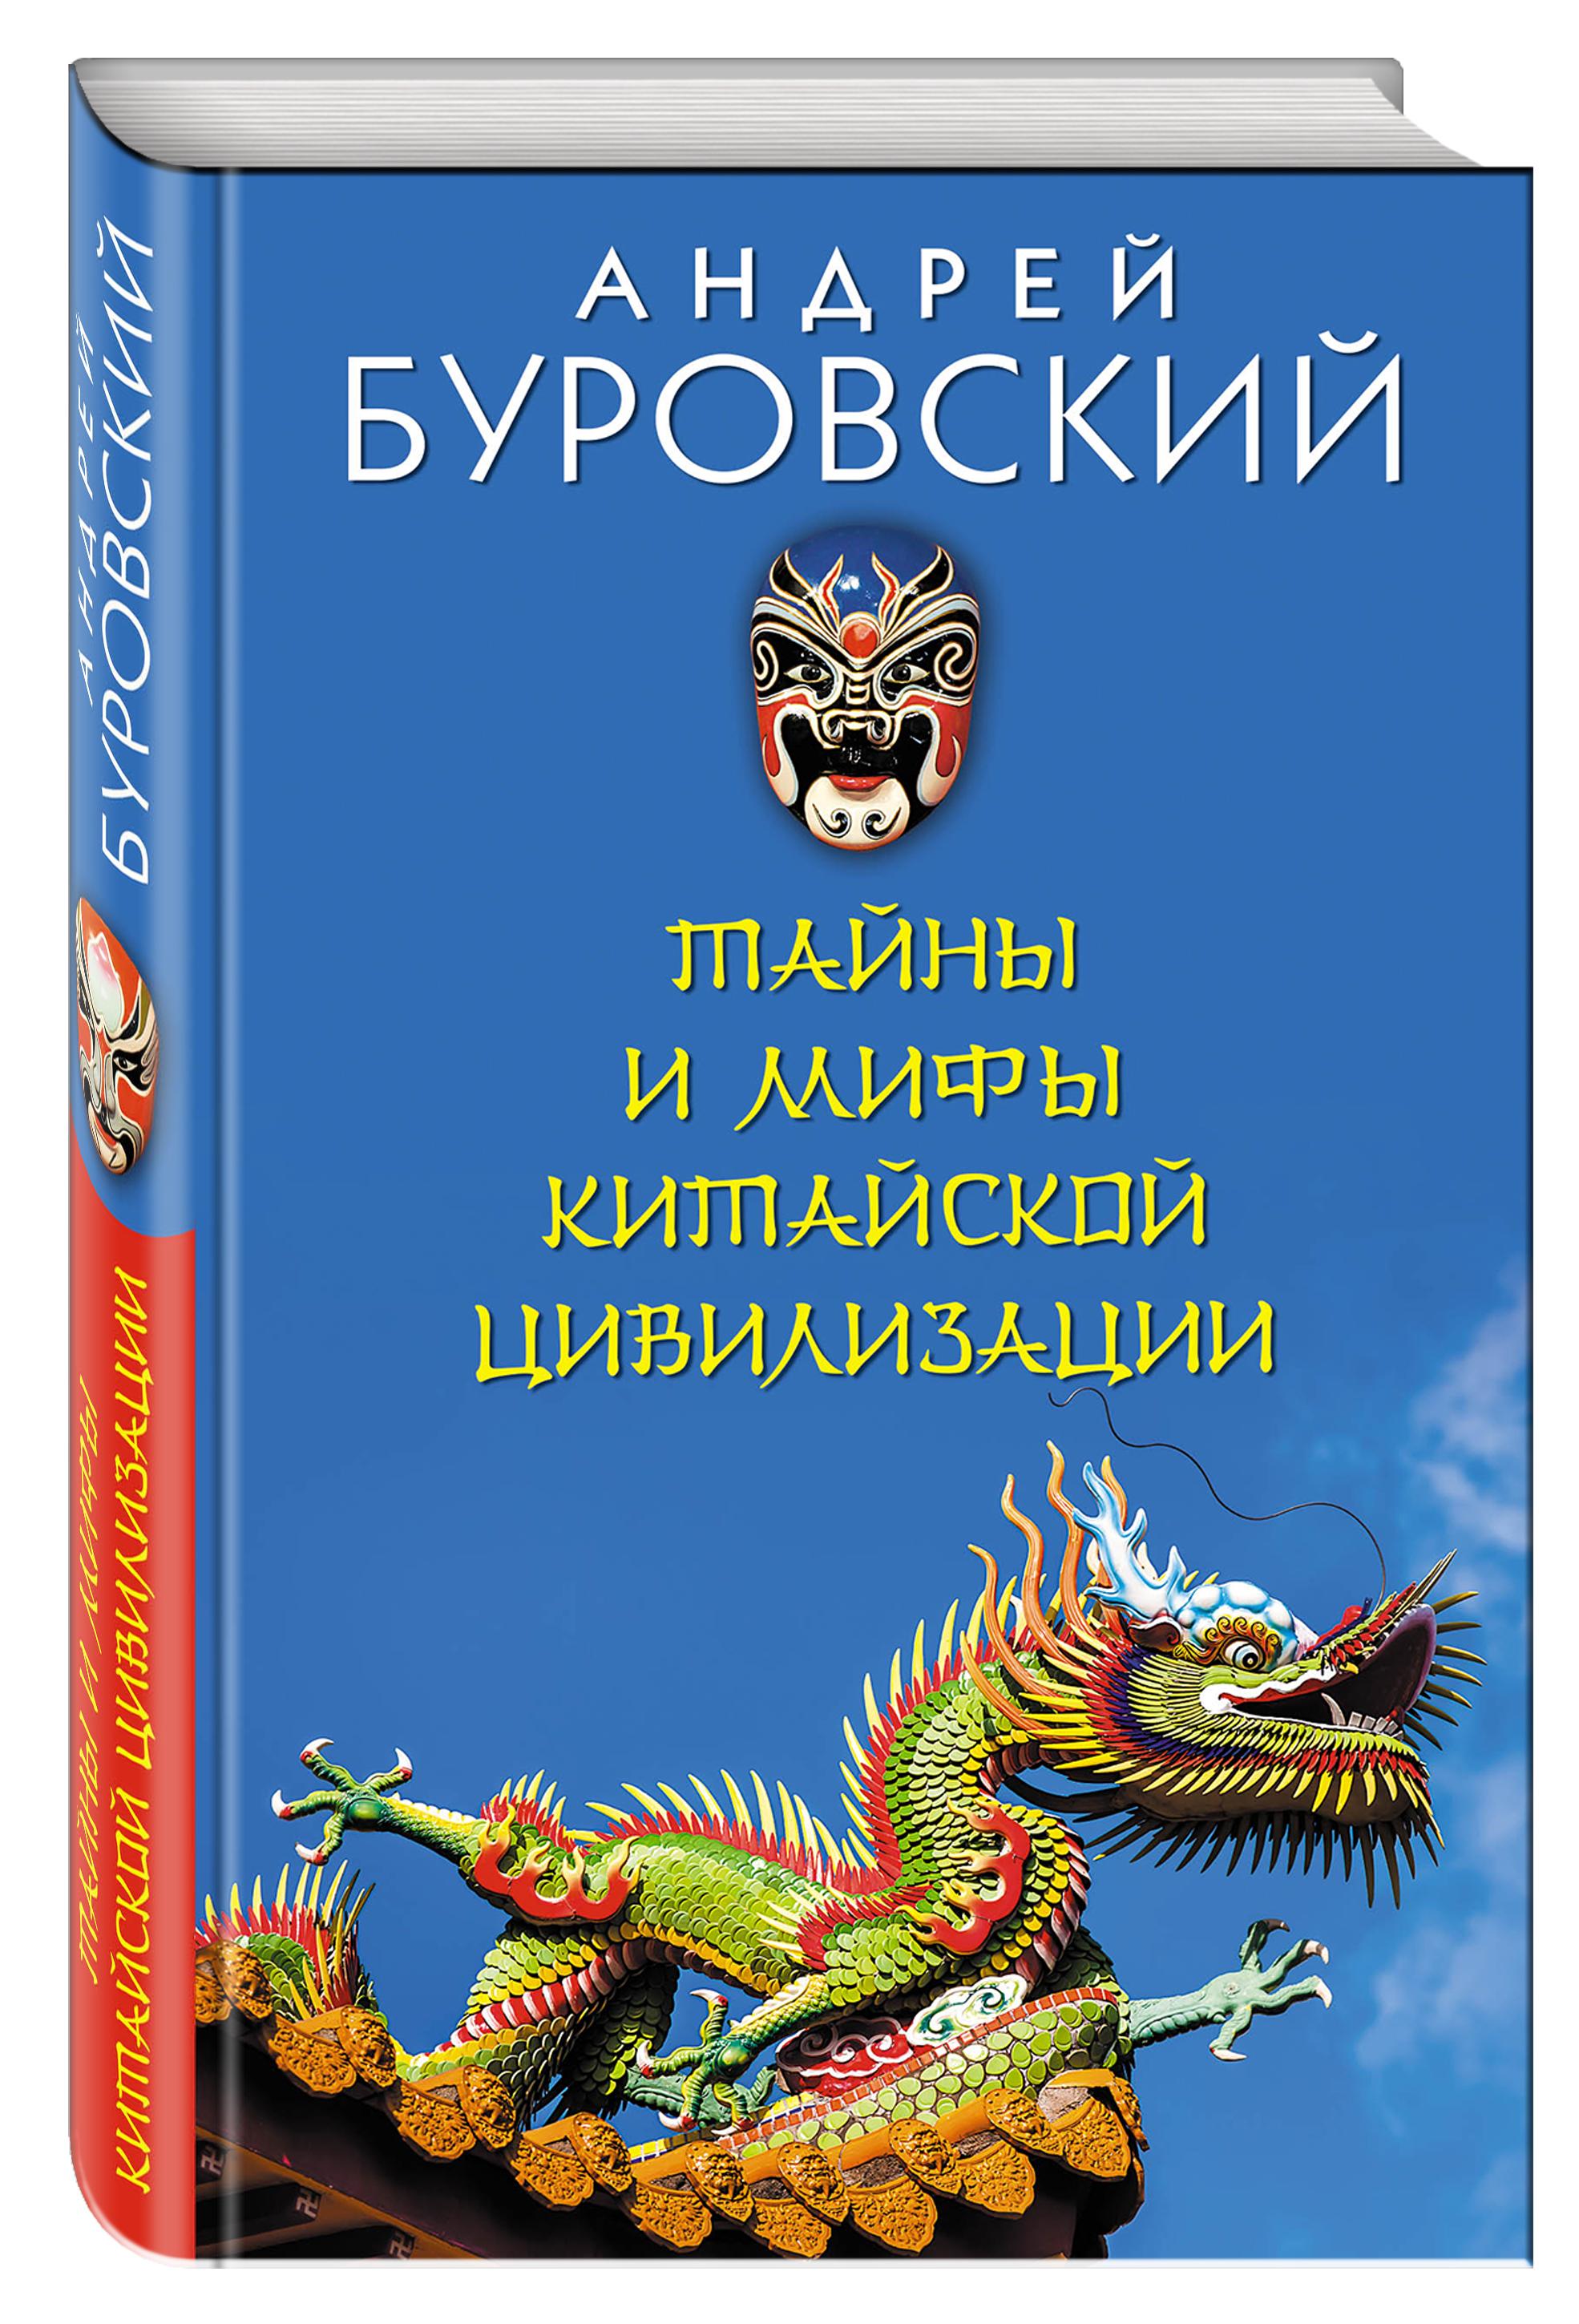 Буровский А.М. Тайны и мифы китайской цивилизации